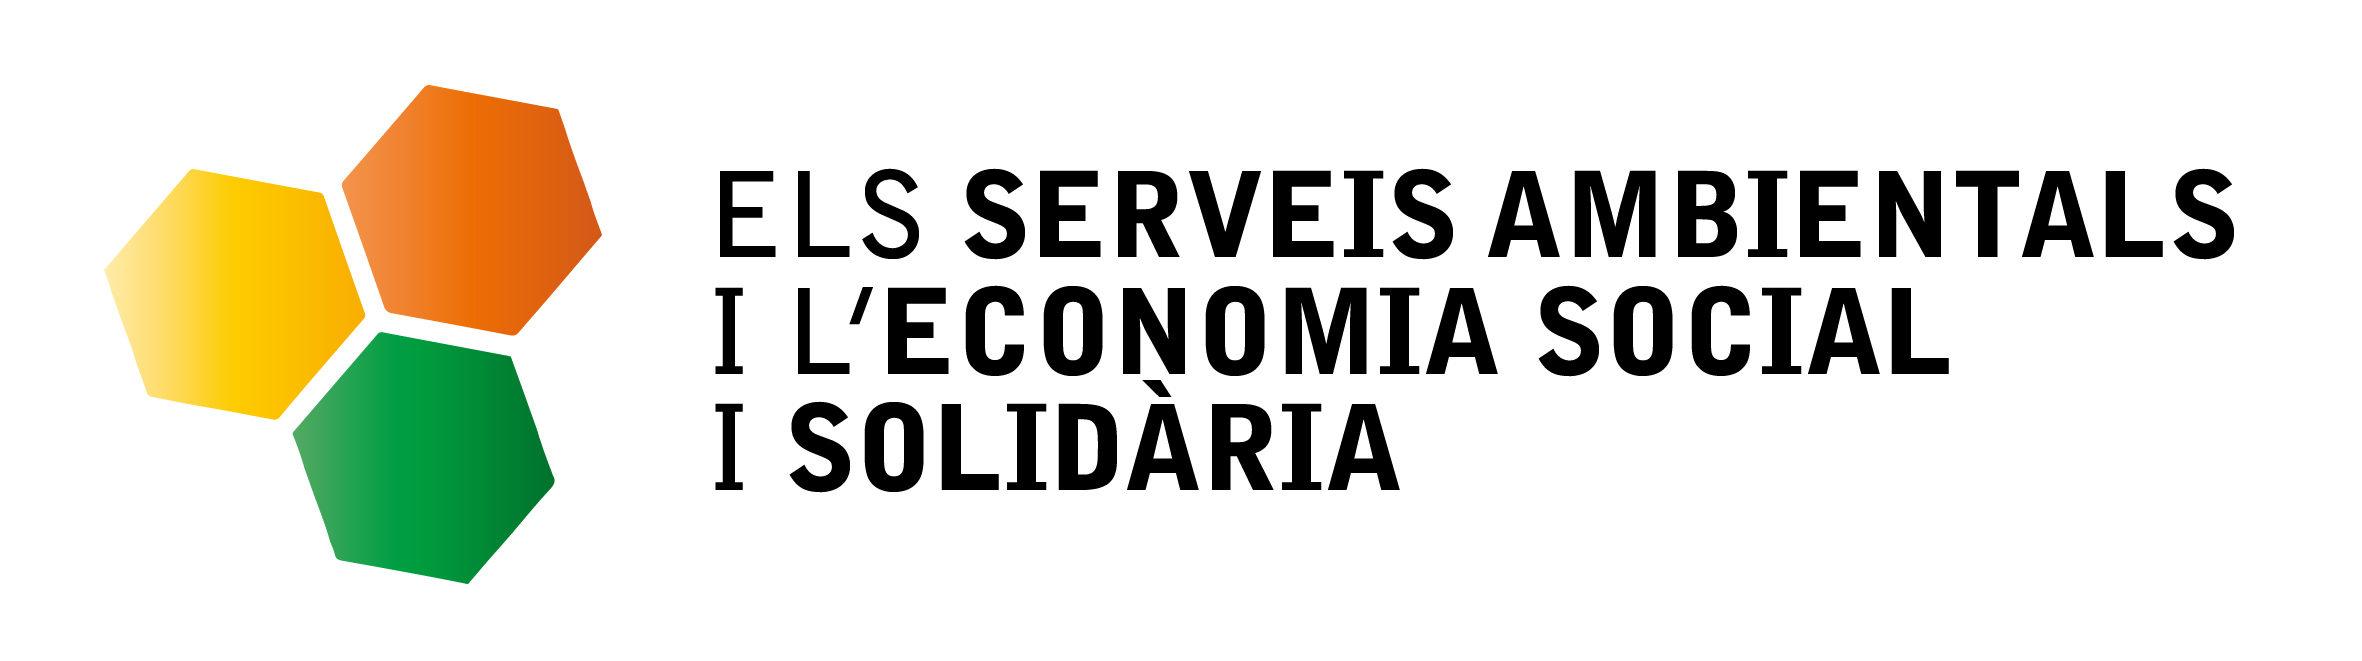 Serveis ambientals | Economia social i solidària